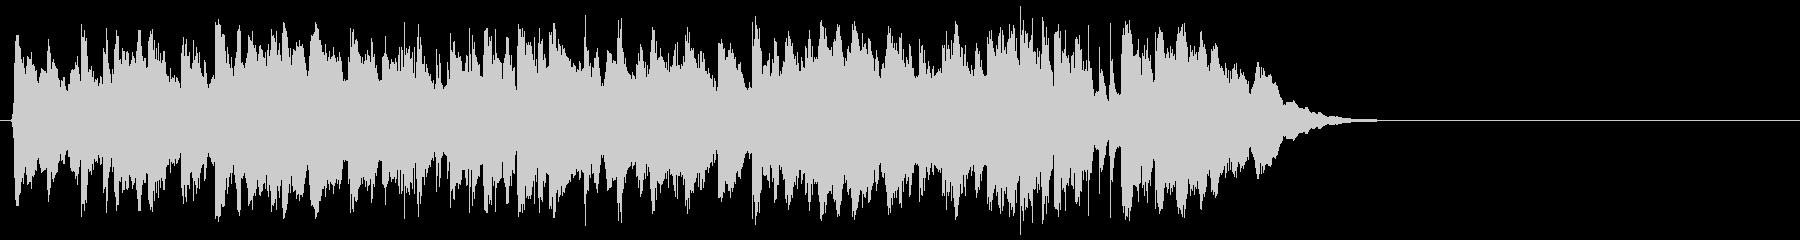 心弾む可愛らしいポップ(イントロ)の未再生の波形